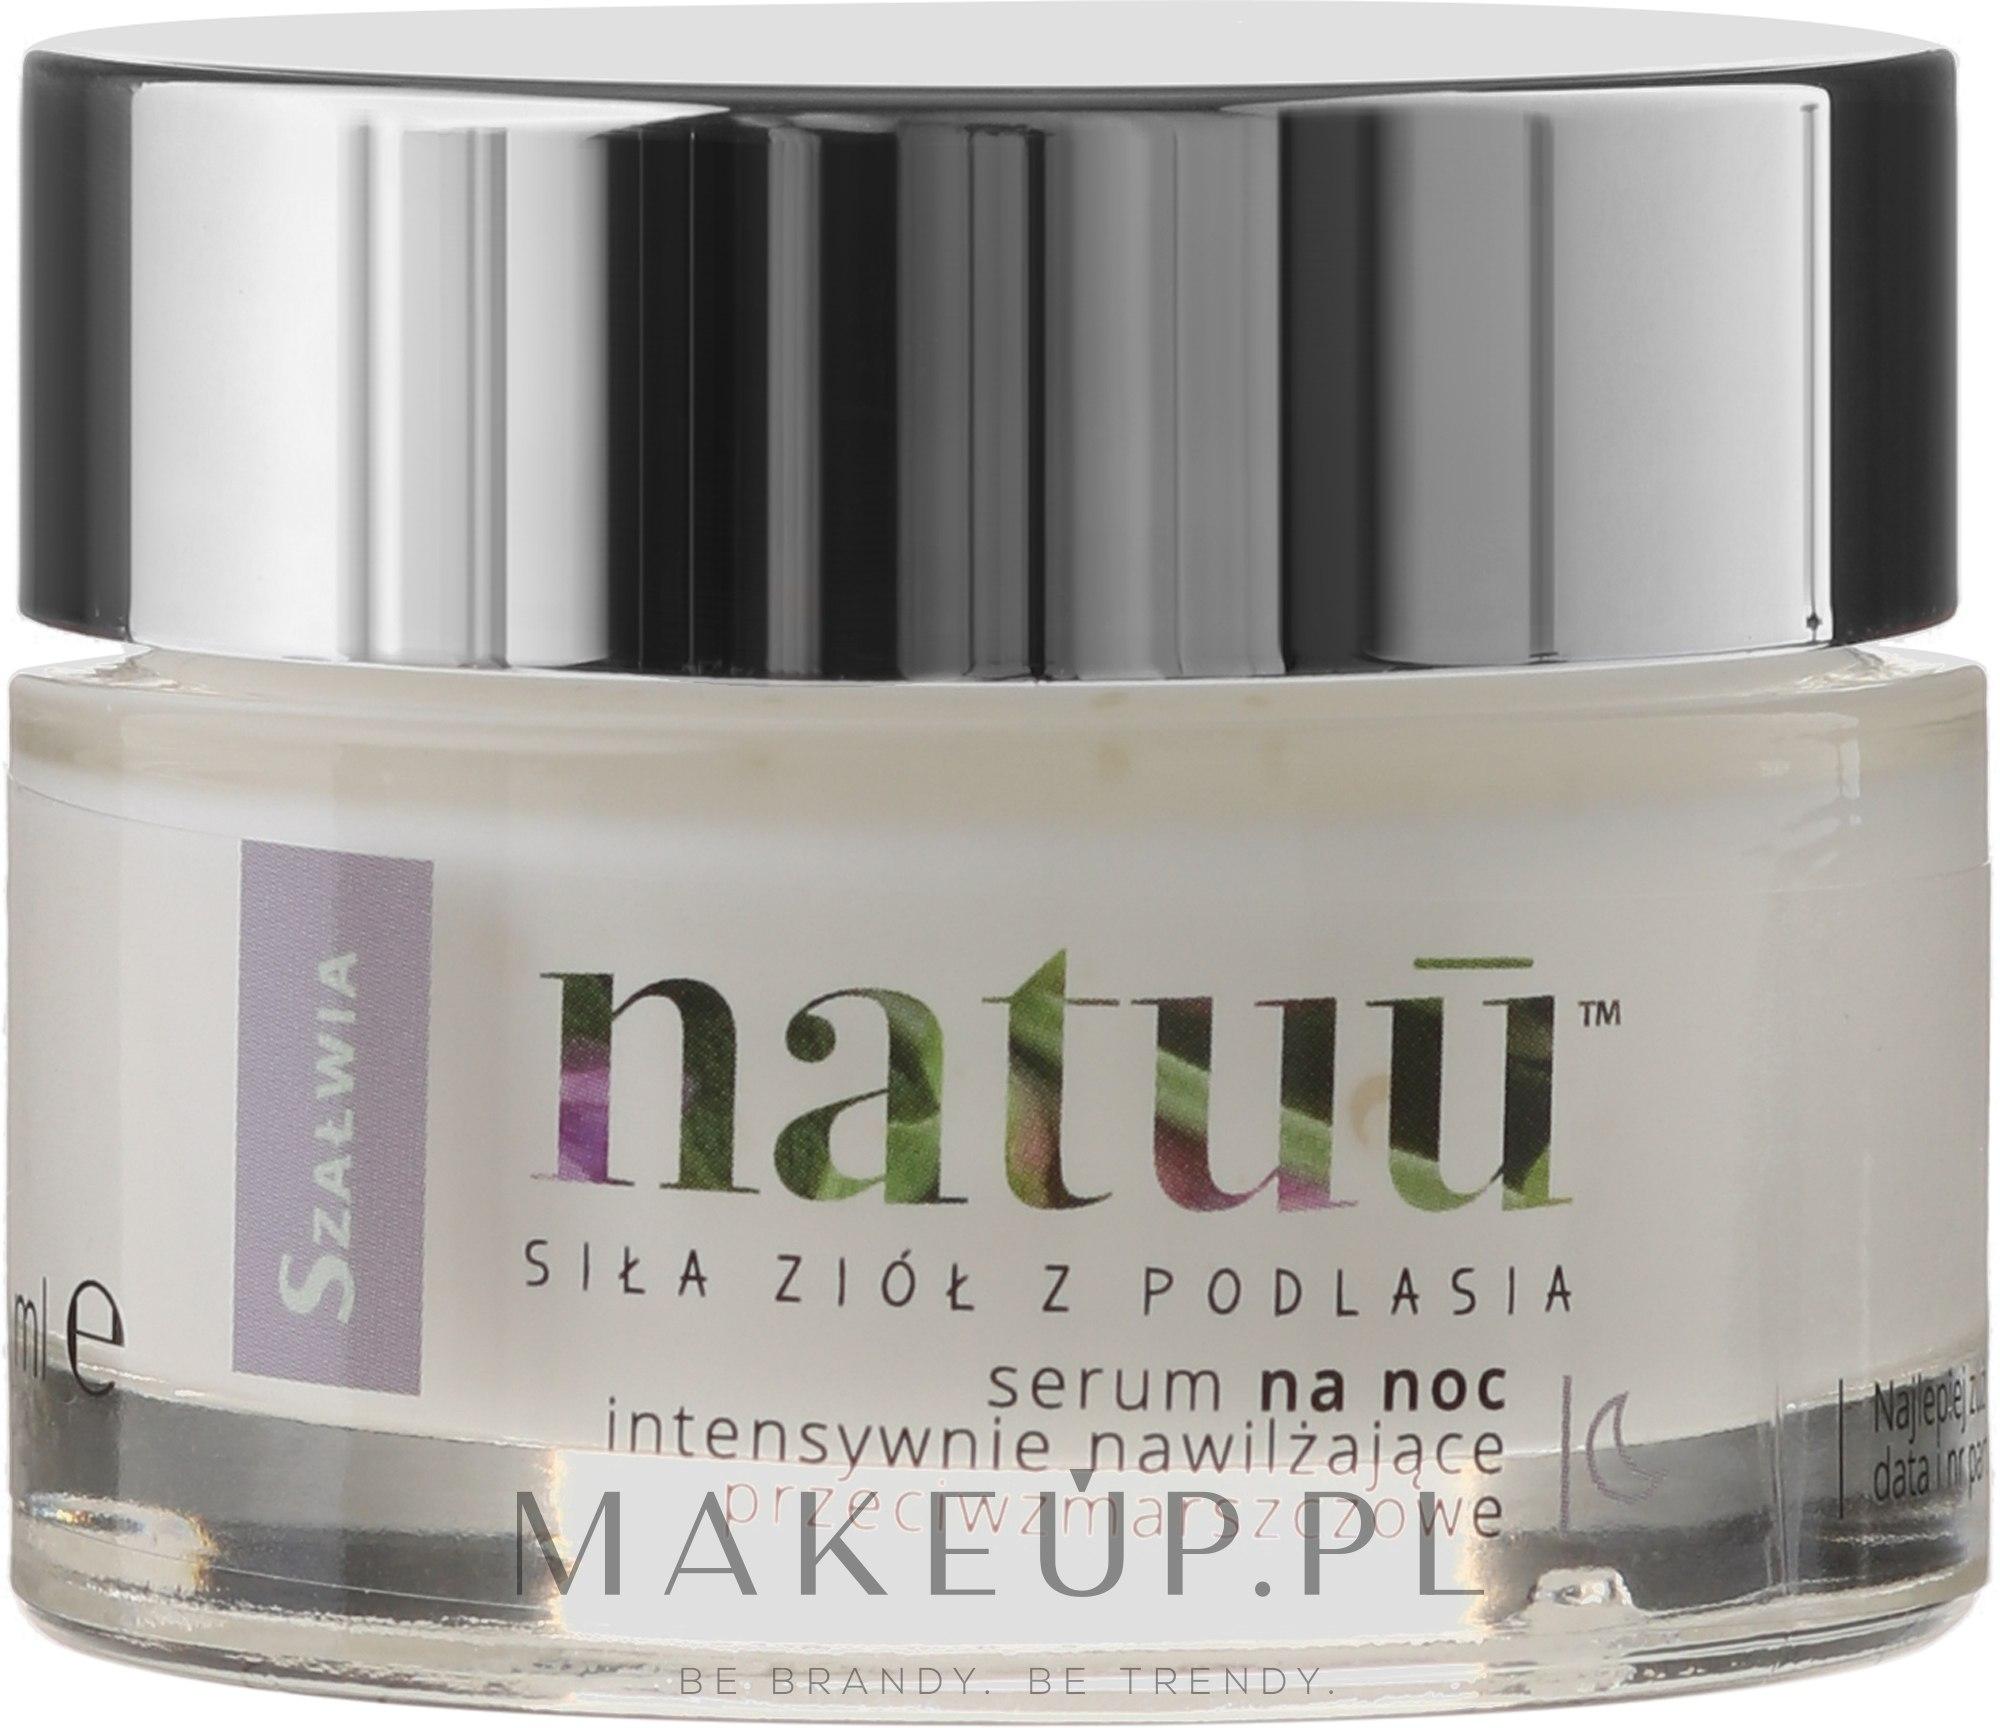 Intensywnie nawilżające przeciwzmarszczkowe serum na noc z ekstraktem z szałwii czerwonej - Natuu Smooth & Lift — фото 50 ml